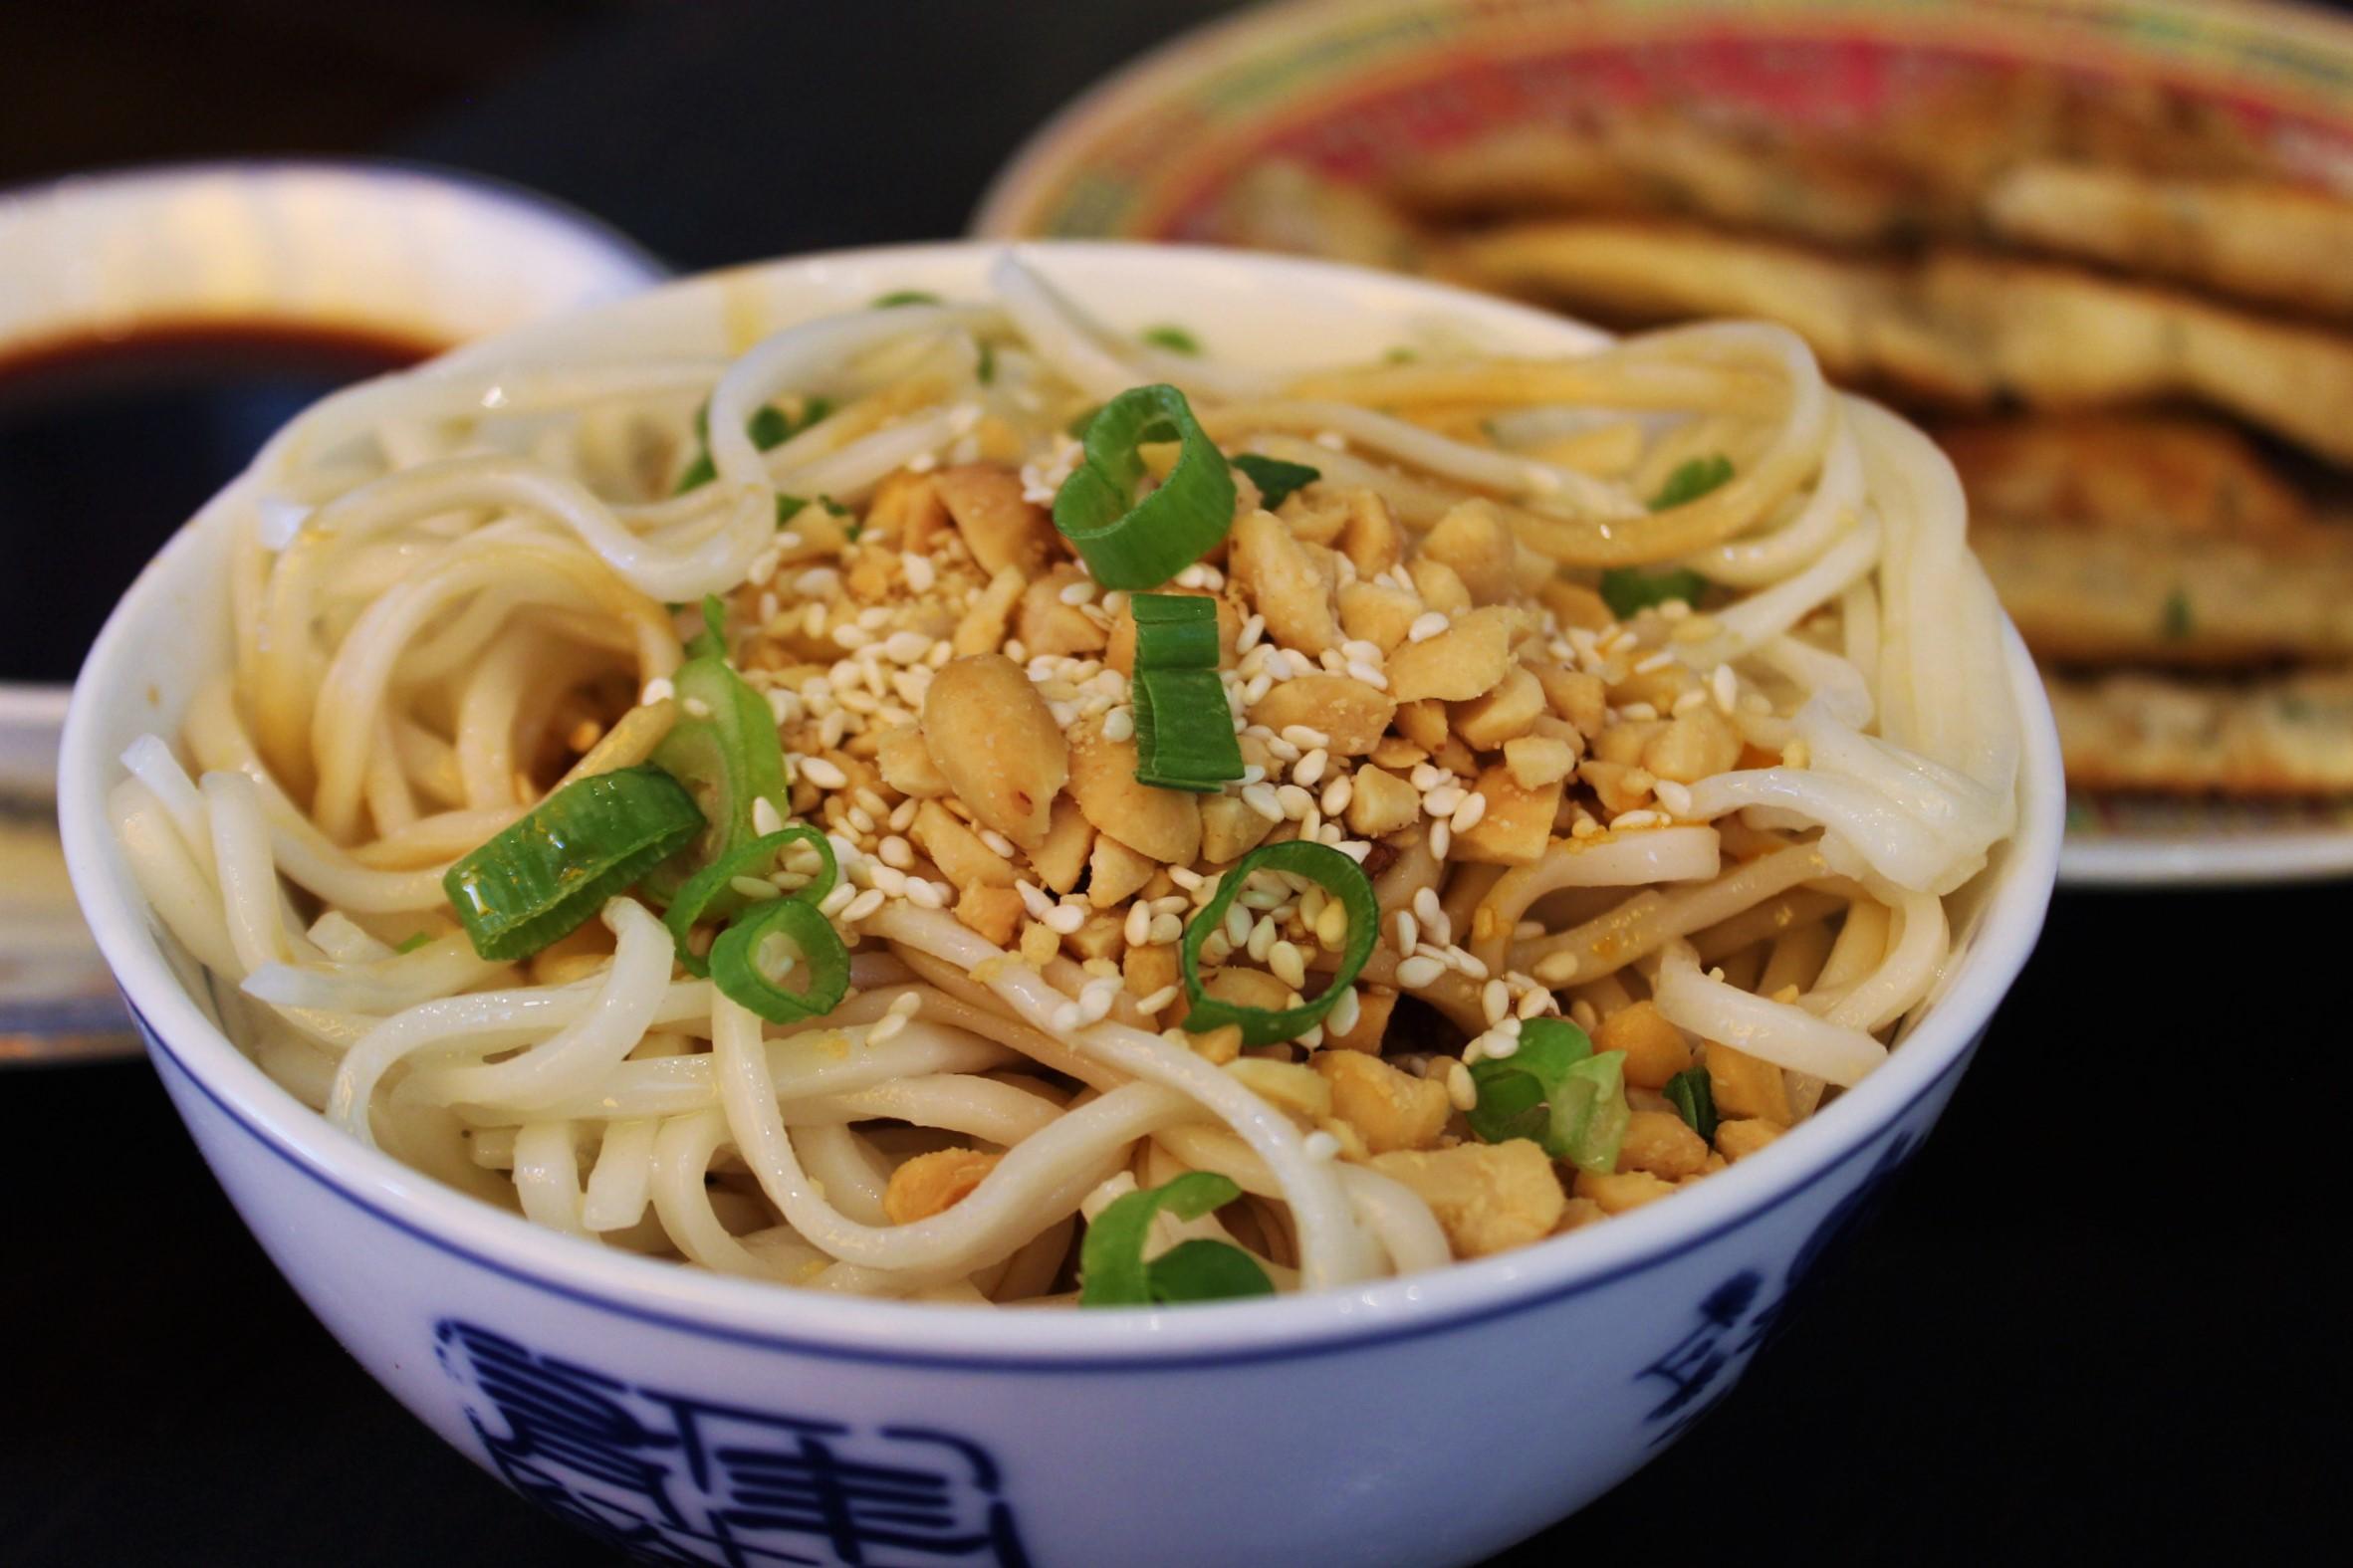 Sichuan Style Cold Noodles